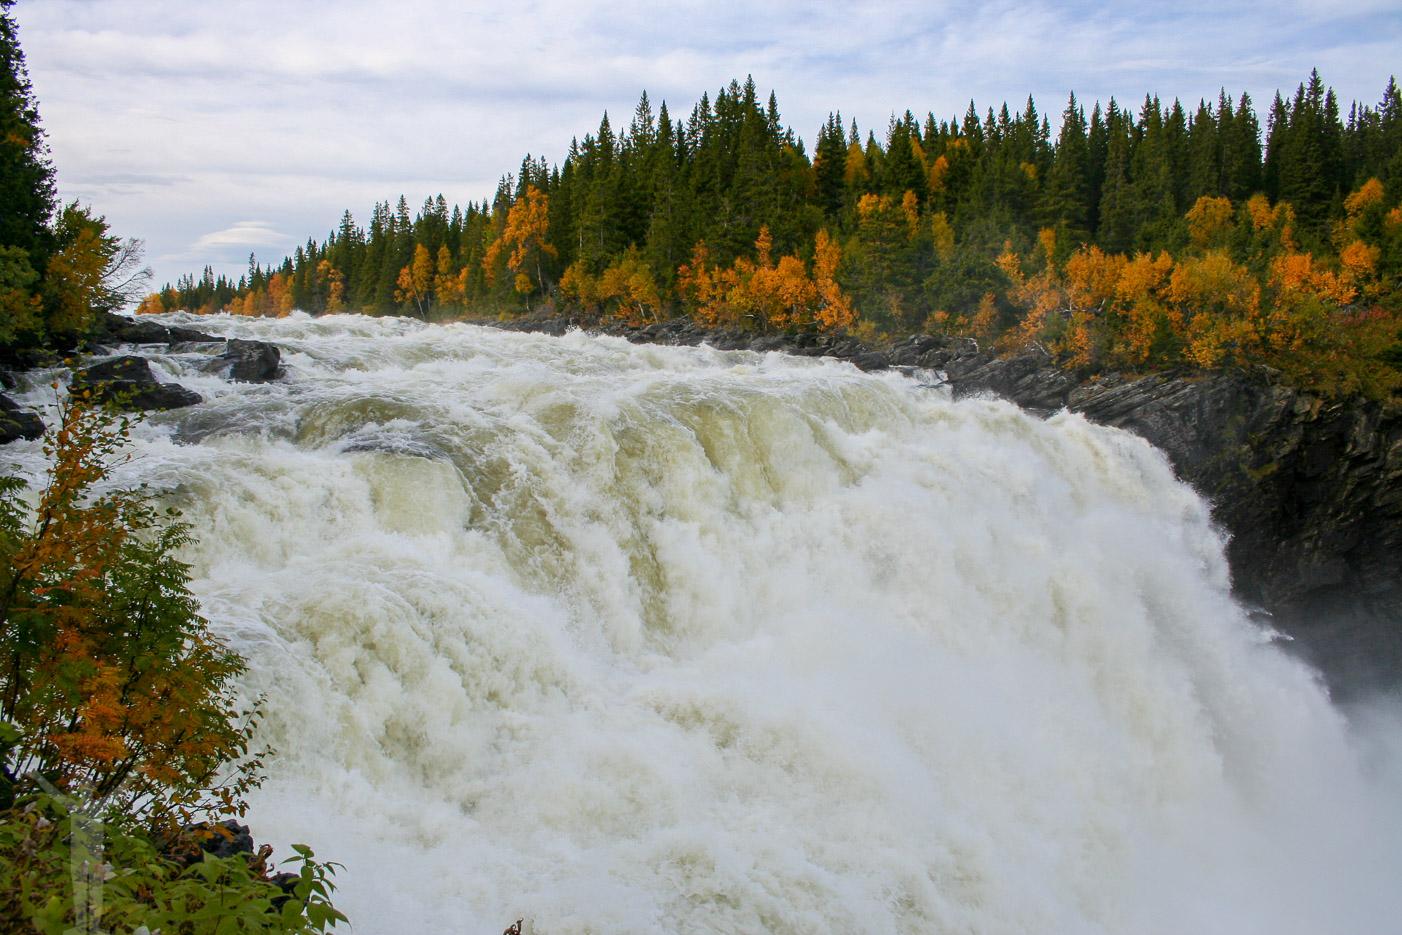 Tännforsen - Sveriges största vattenfall. Enkel vandring i Åre!